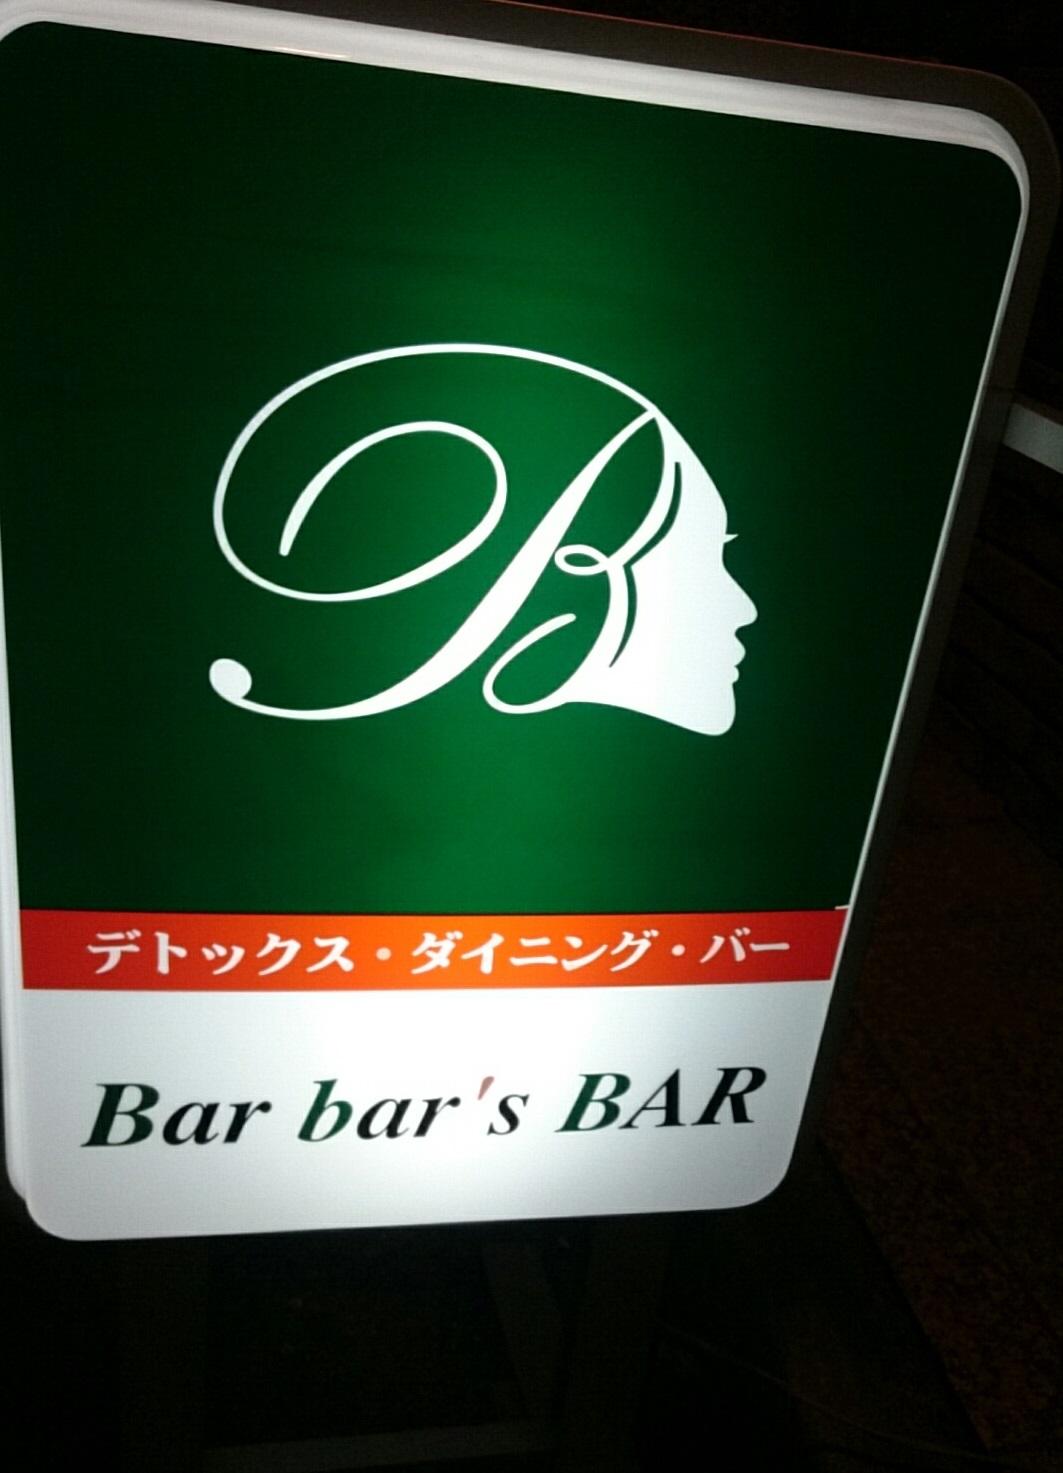 Bar bar's BAR